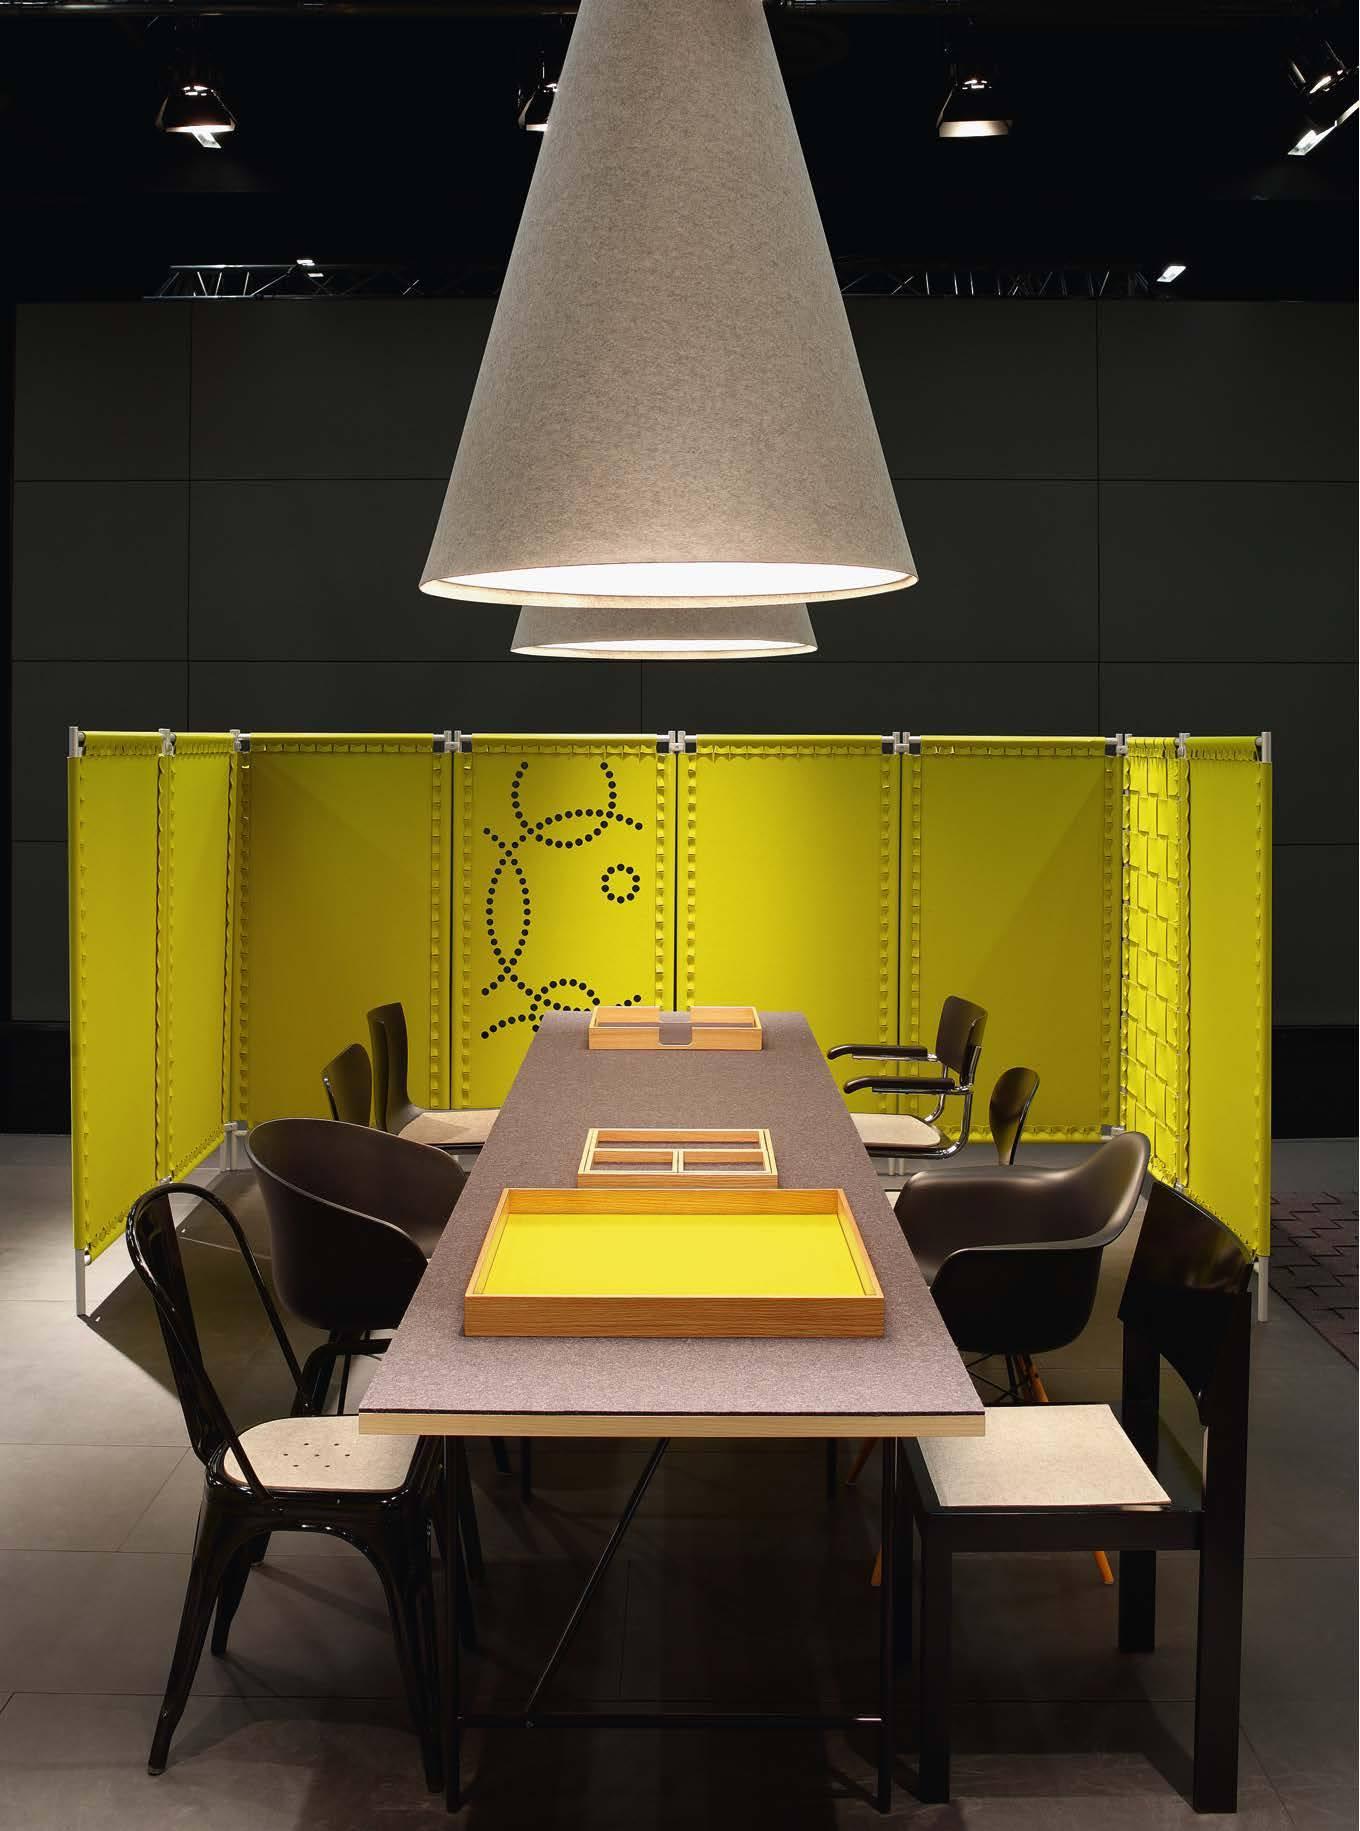 выставка в Париже  maison & objet Maison & Objet - чего ожидать от большого шоу этой осенью 13517573 1356233544391612 9051341884195772171 o